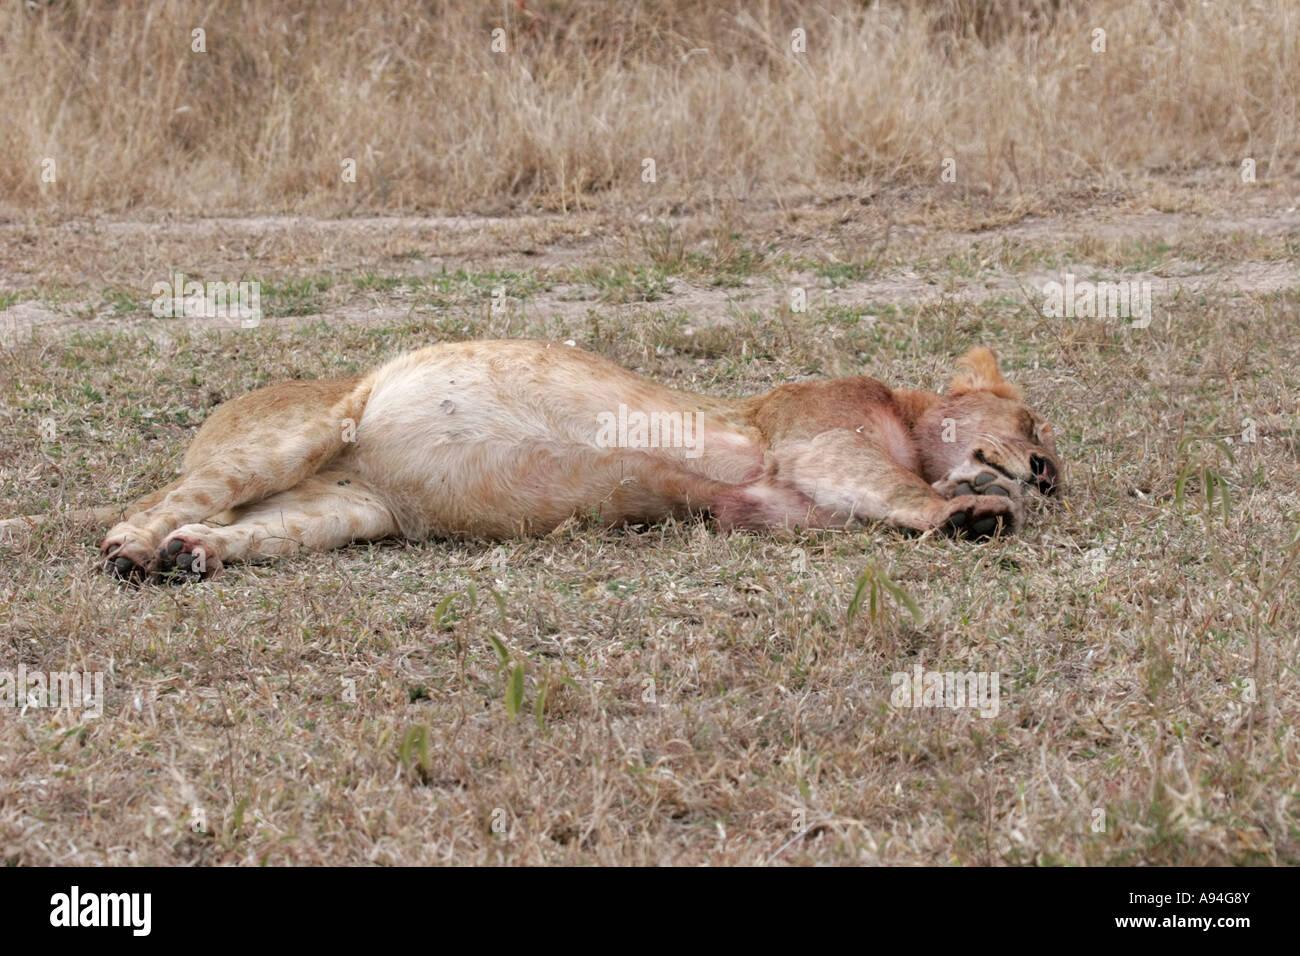 Un león con la grasa del vientre abultado dormir después de comer en un kill Nkhoro Sabi Sand Game Reserve en Mpumalanga Sudáfrica Foto de stock